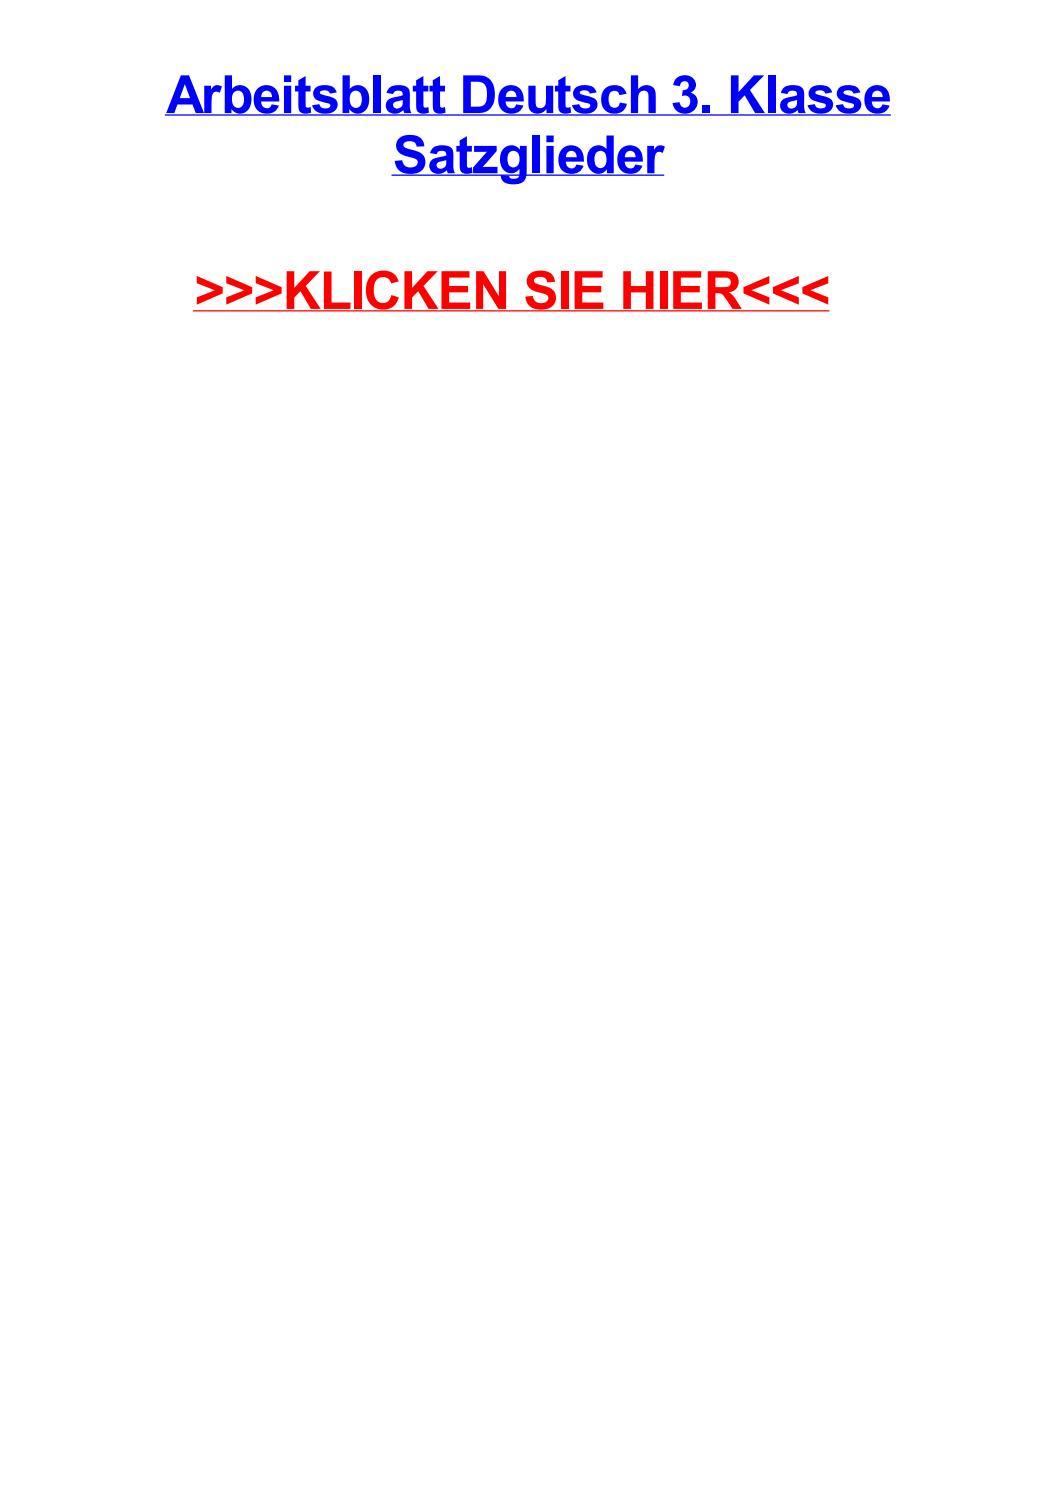 Arbeitsblatt deutsch 3 klasse satzglieder by jayevwaa - issuu